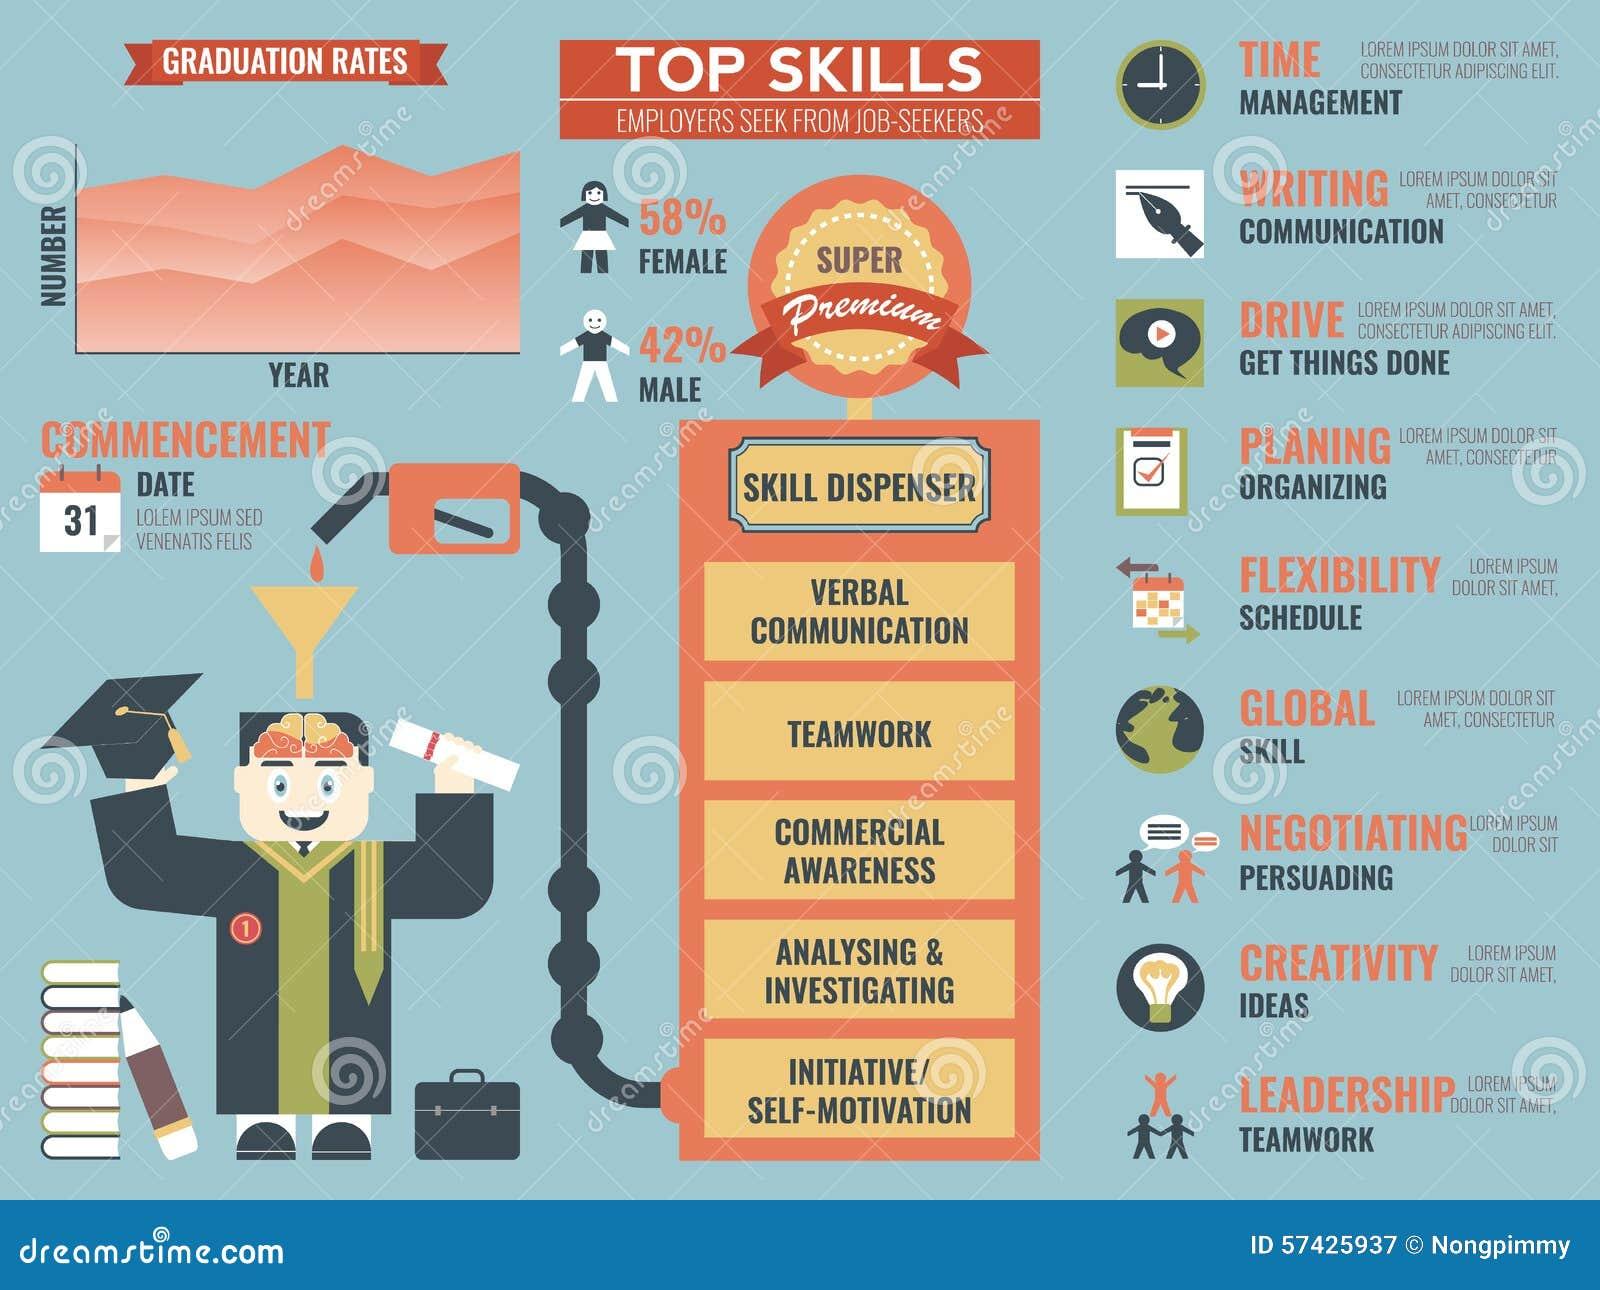 top skills that employers seek from job seekers stock vector top skills that employers seek from job seekers